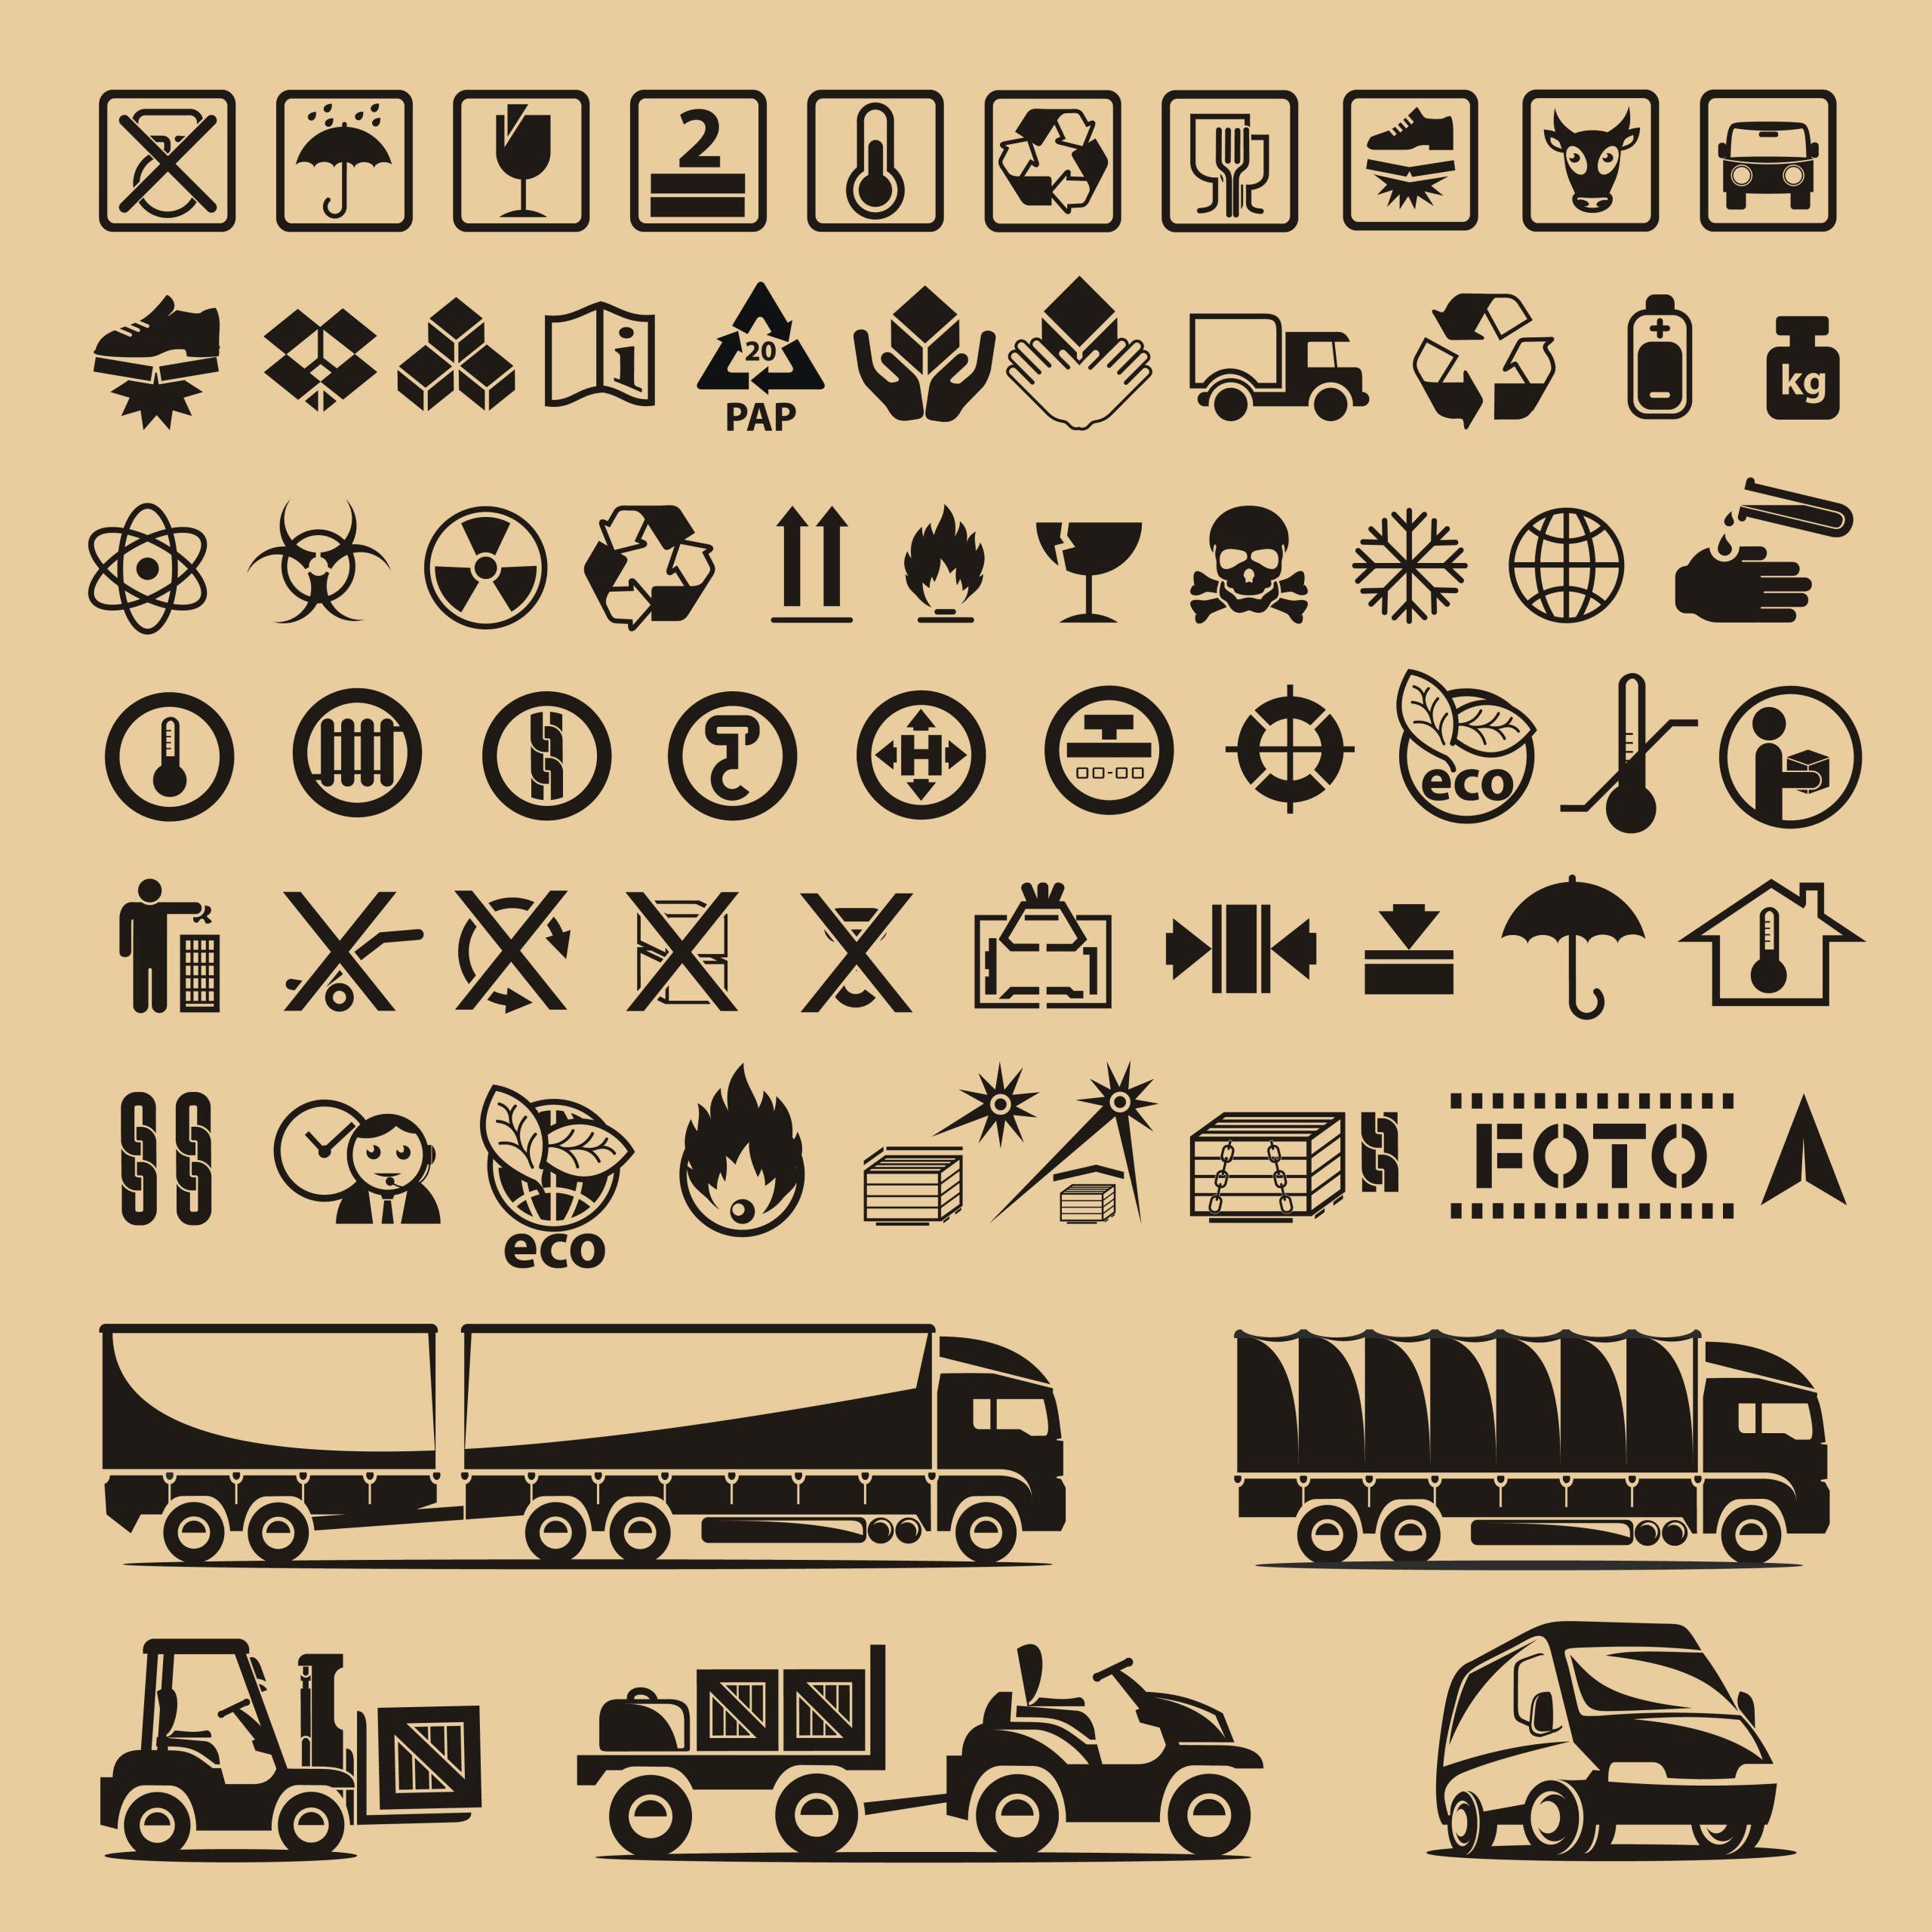 نماد ها و علائم روی بسته بندی کالا